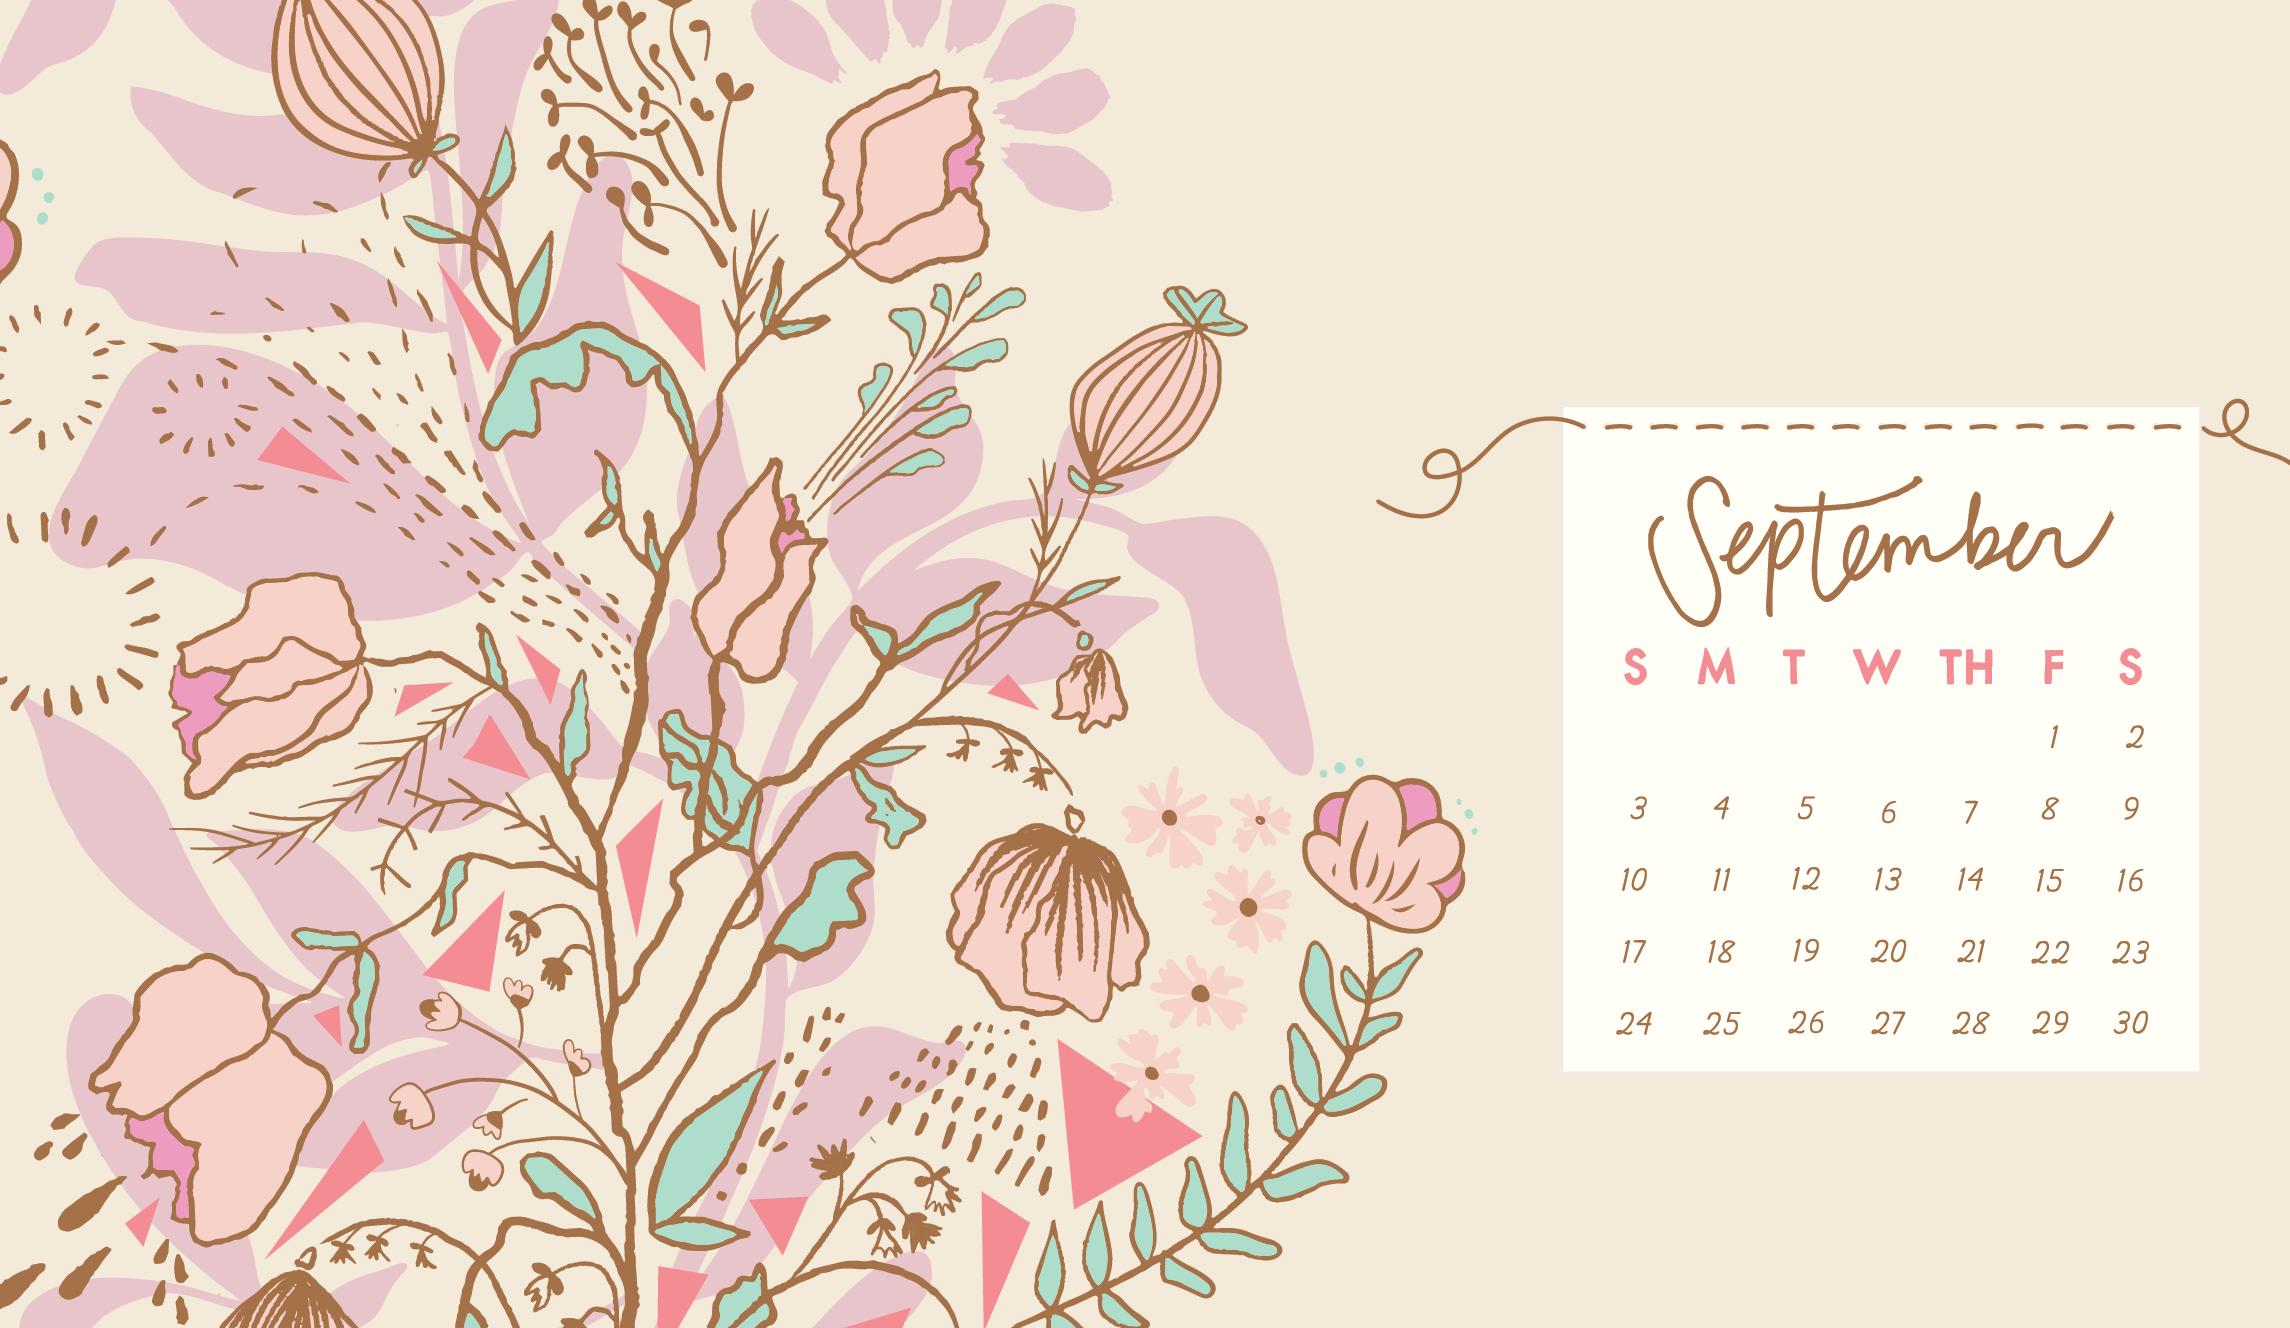 September 2019 Calendar Desktop Wallpaper Desktop Calendar Calendar Background September Calendar